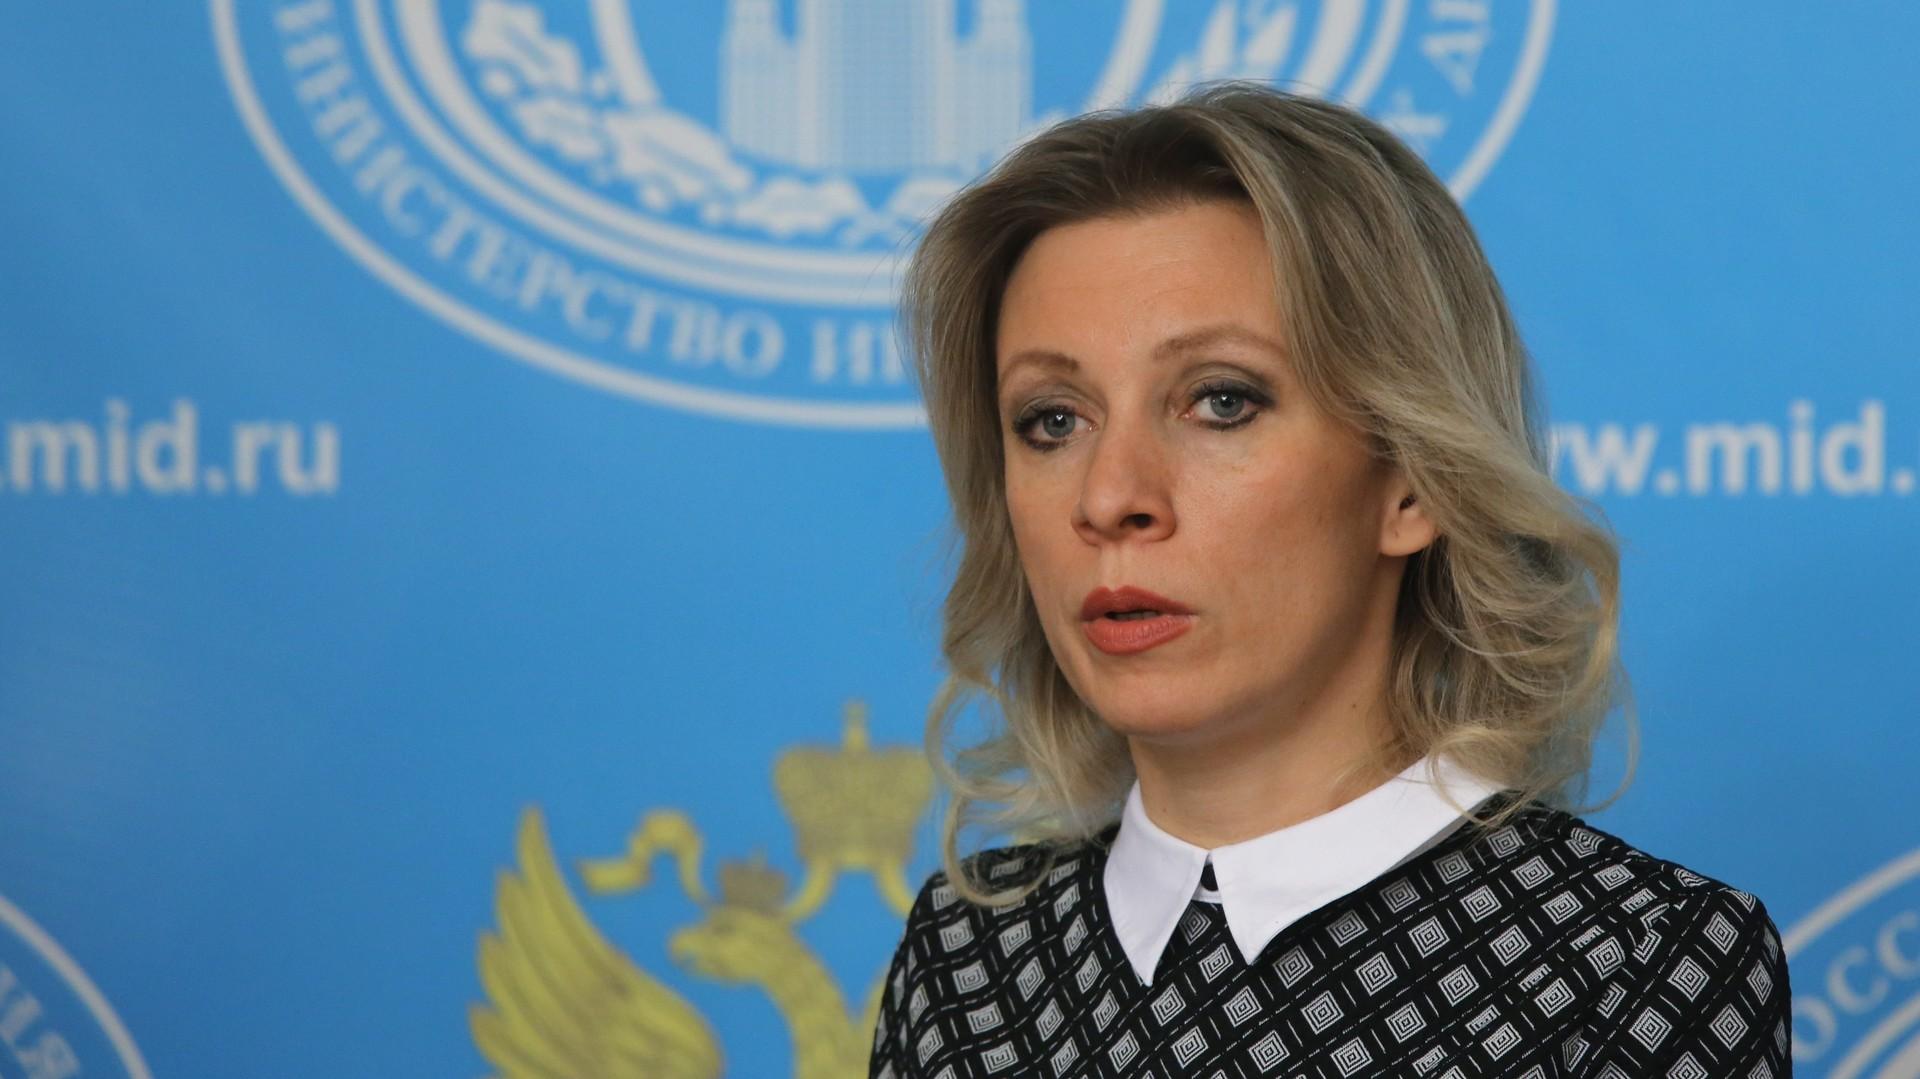 Moscou : l'enquête britannique sur l'affaire Litvinenko est une «blague»